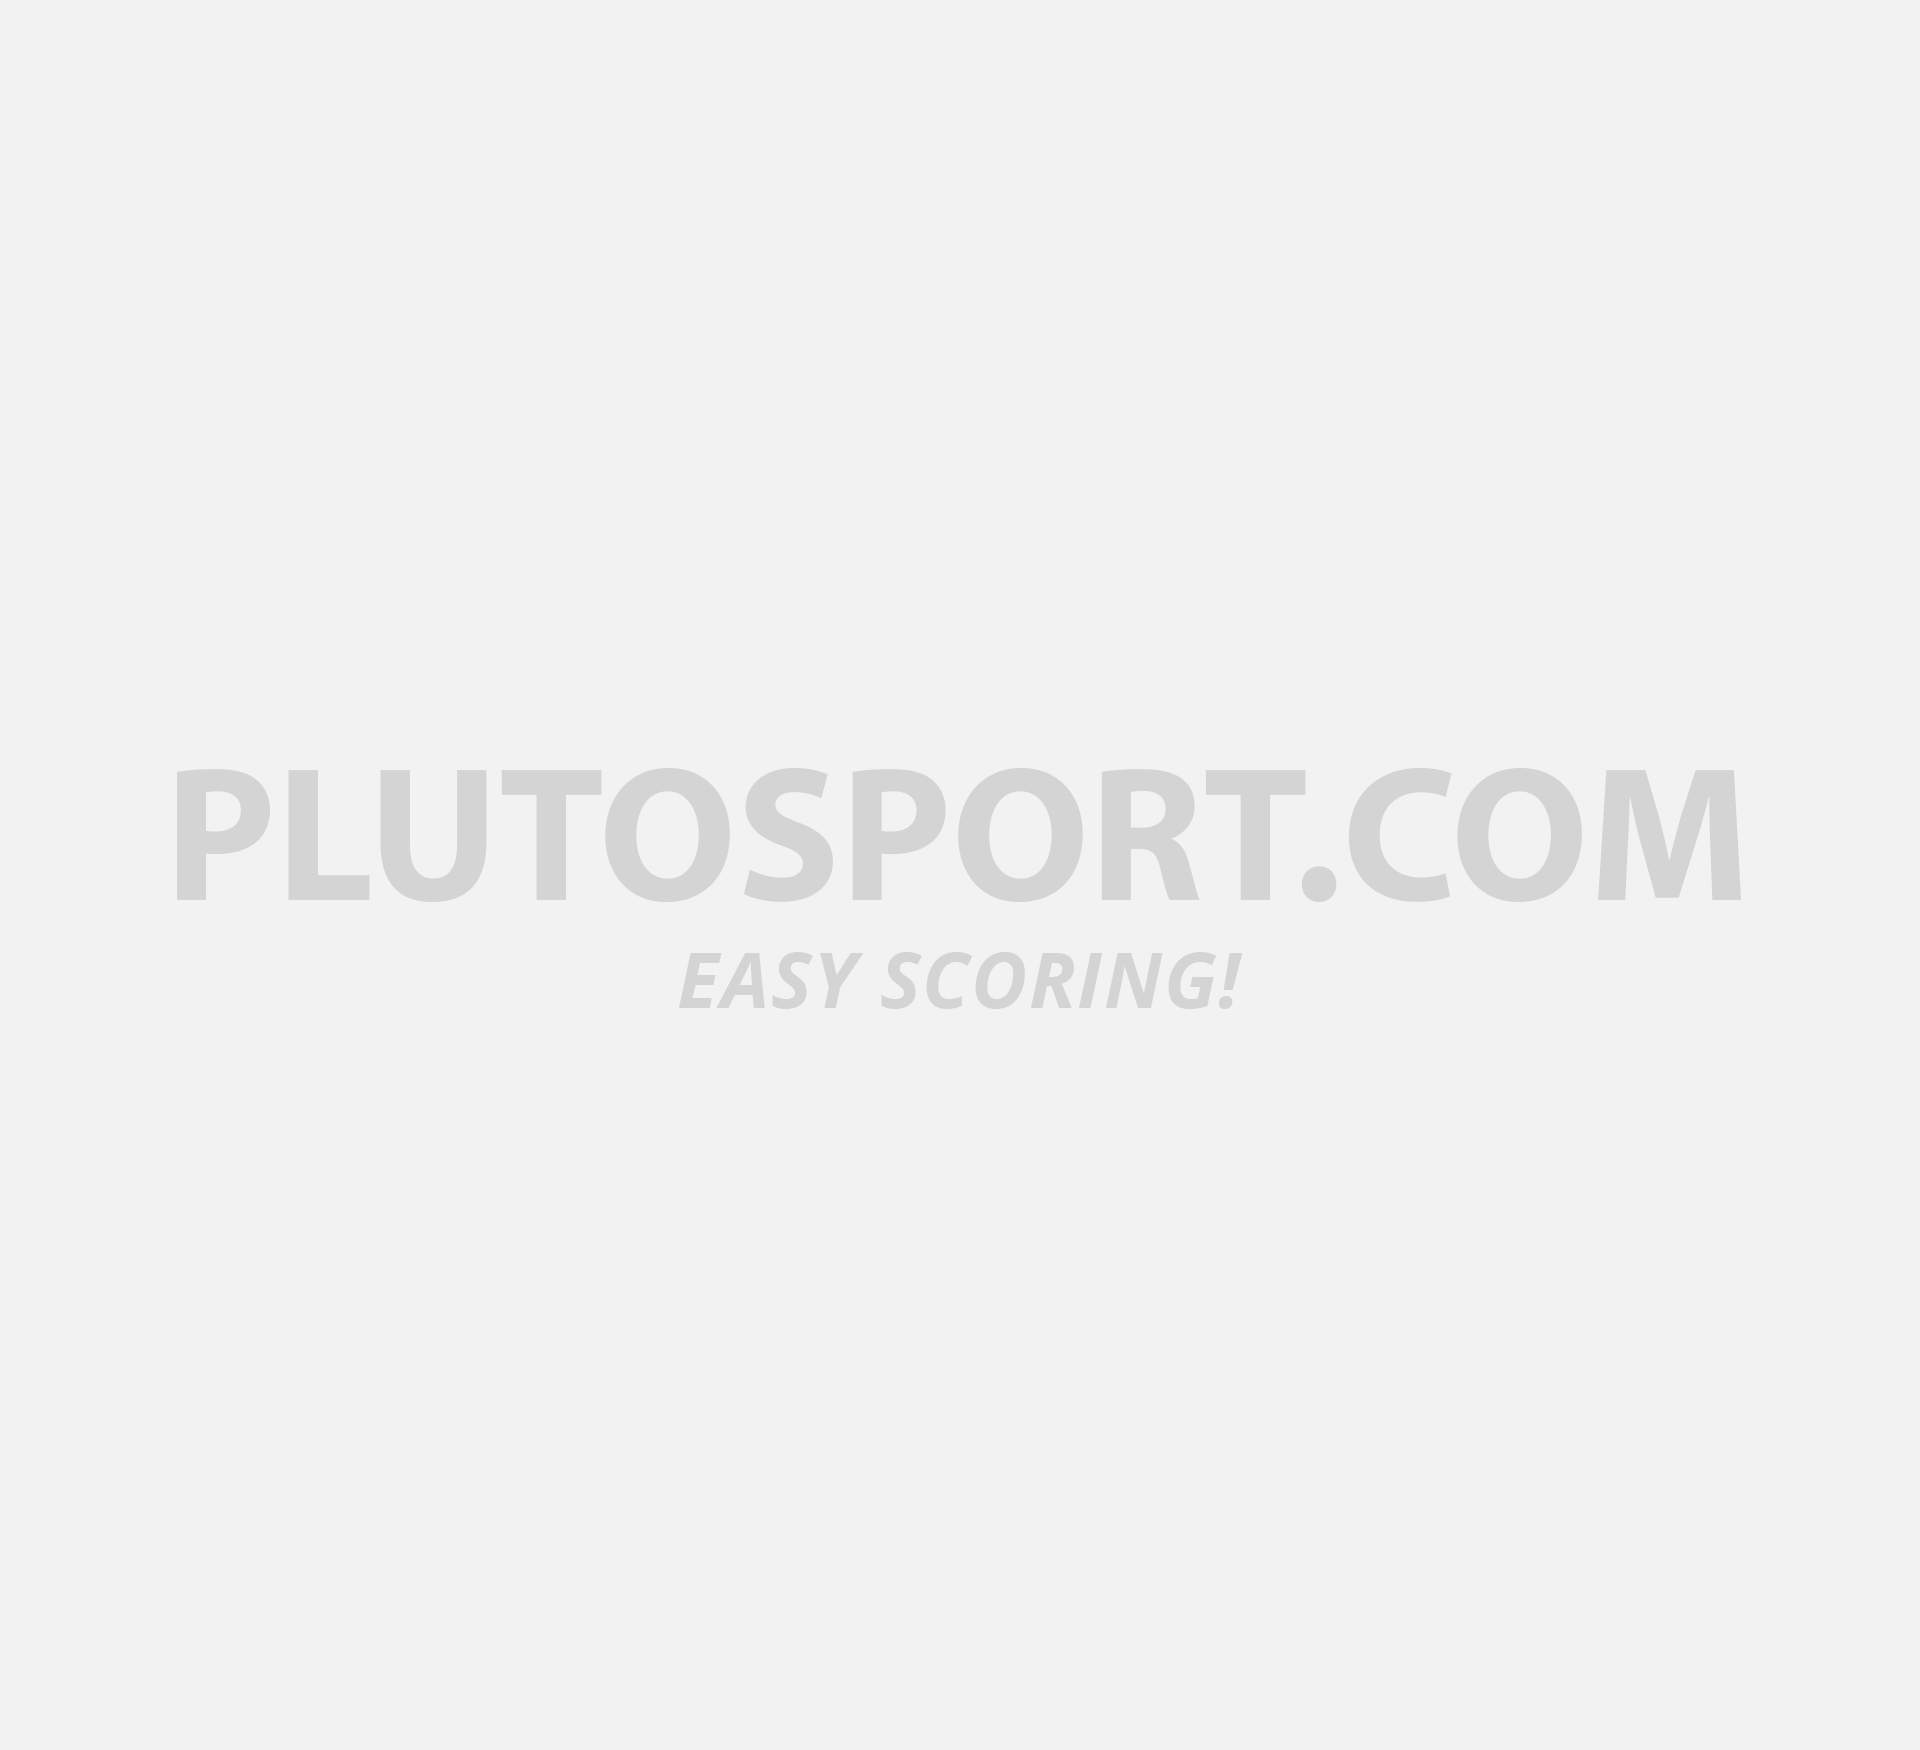 Tommy Hilfiger Quartersocks Men (6-pack)